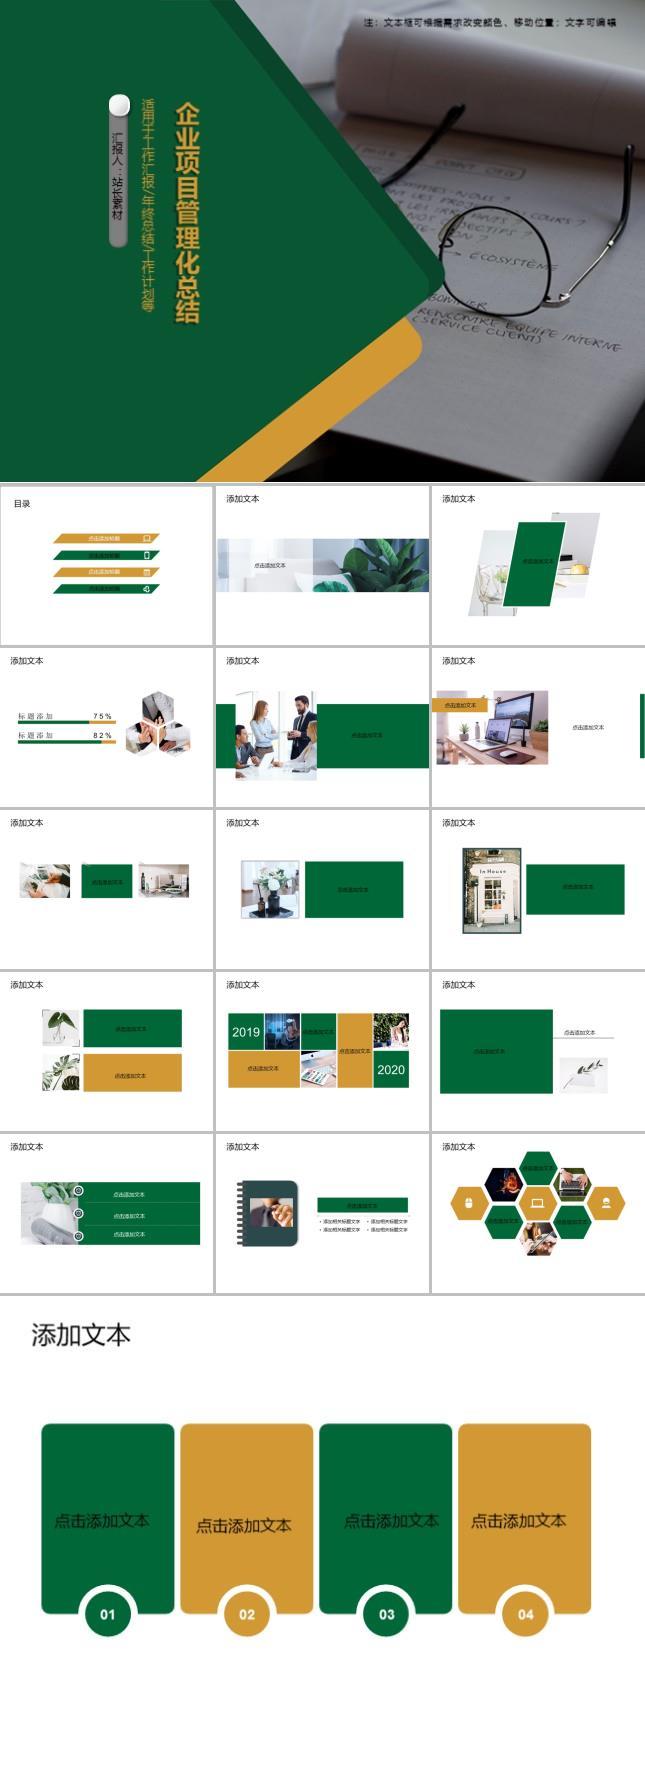 企业项目管理化总结ppt模板